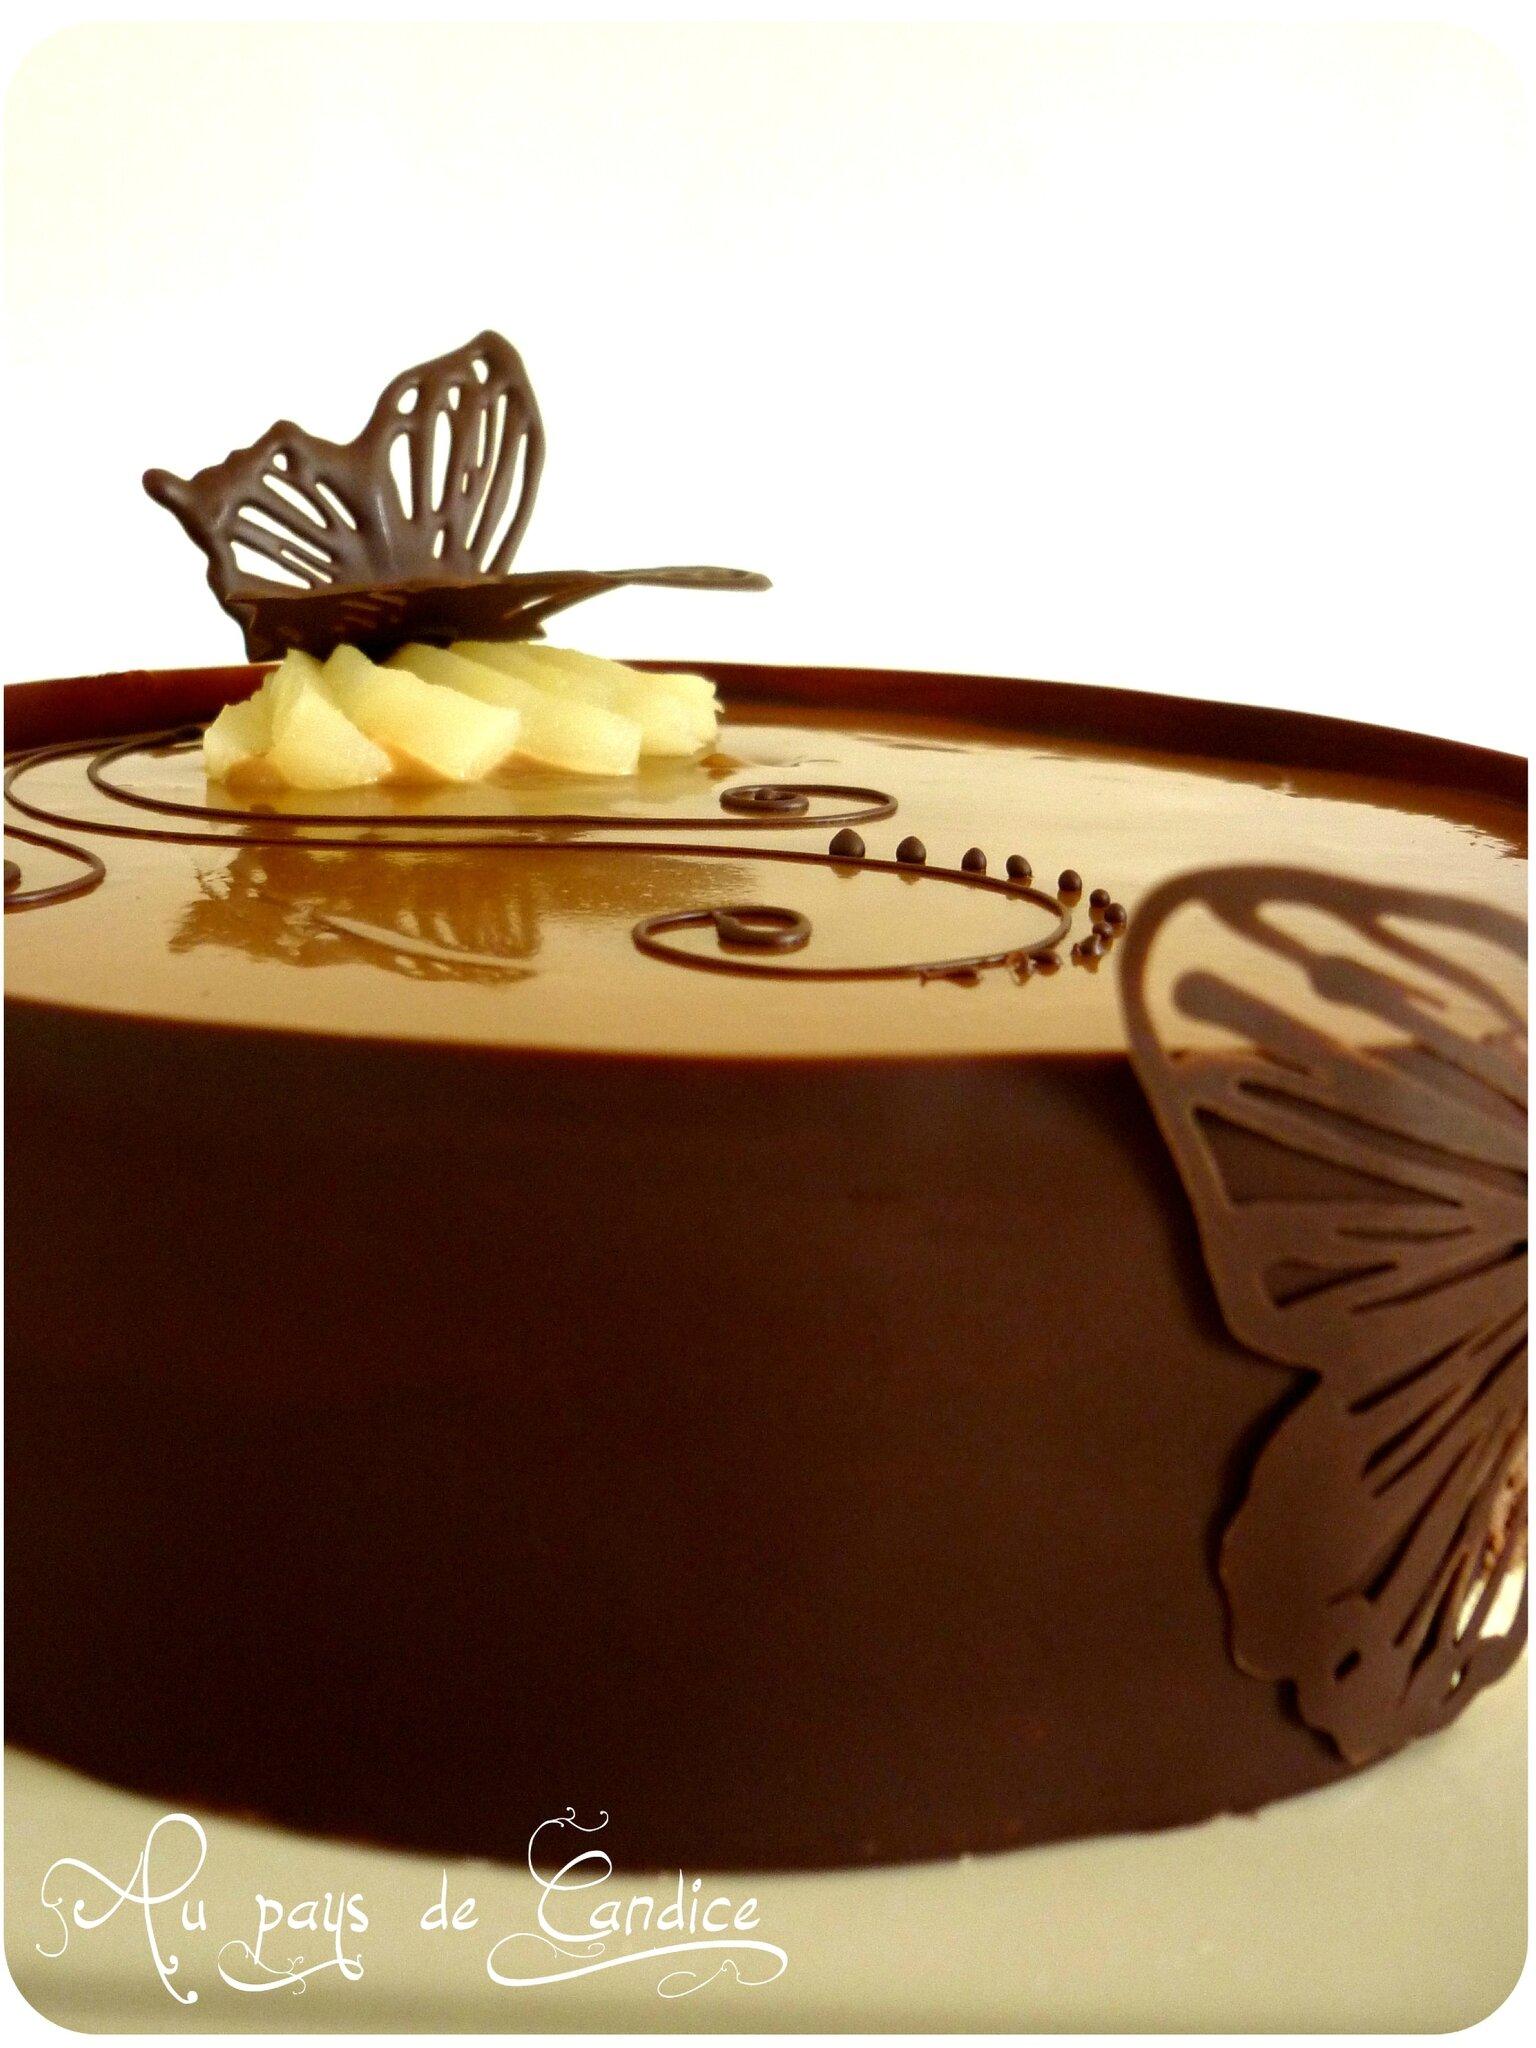 Bavarois Chocolat Poires Caramel Au Beurre Sale Au Pays De Candice